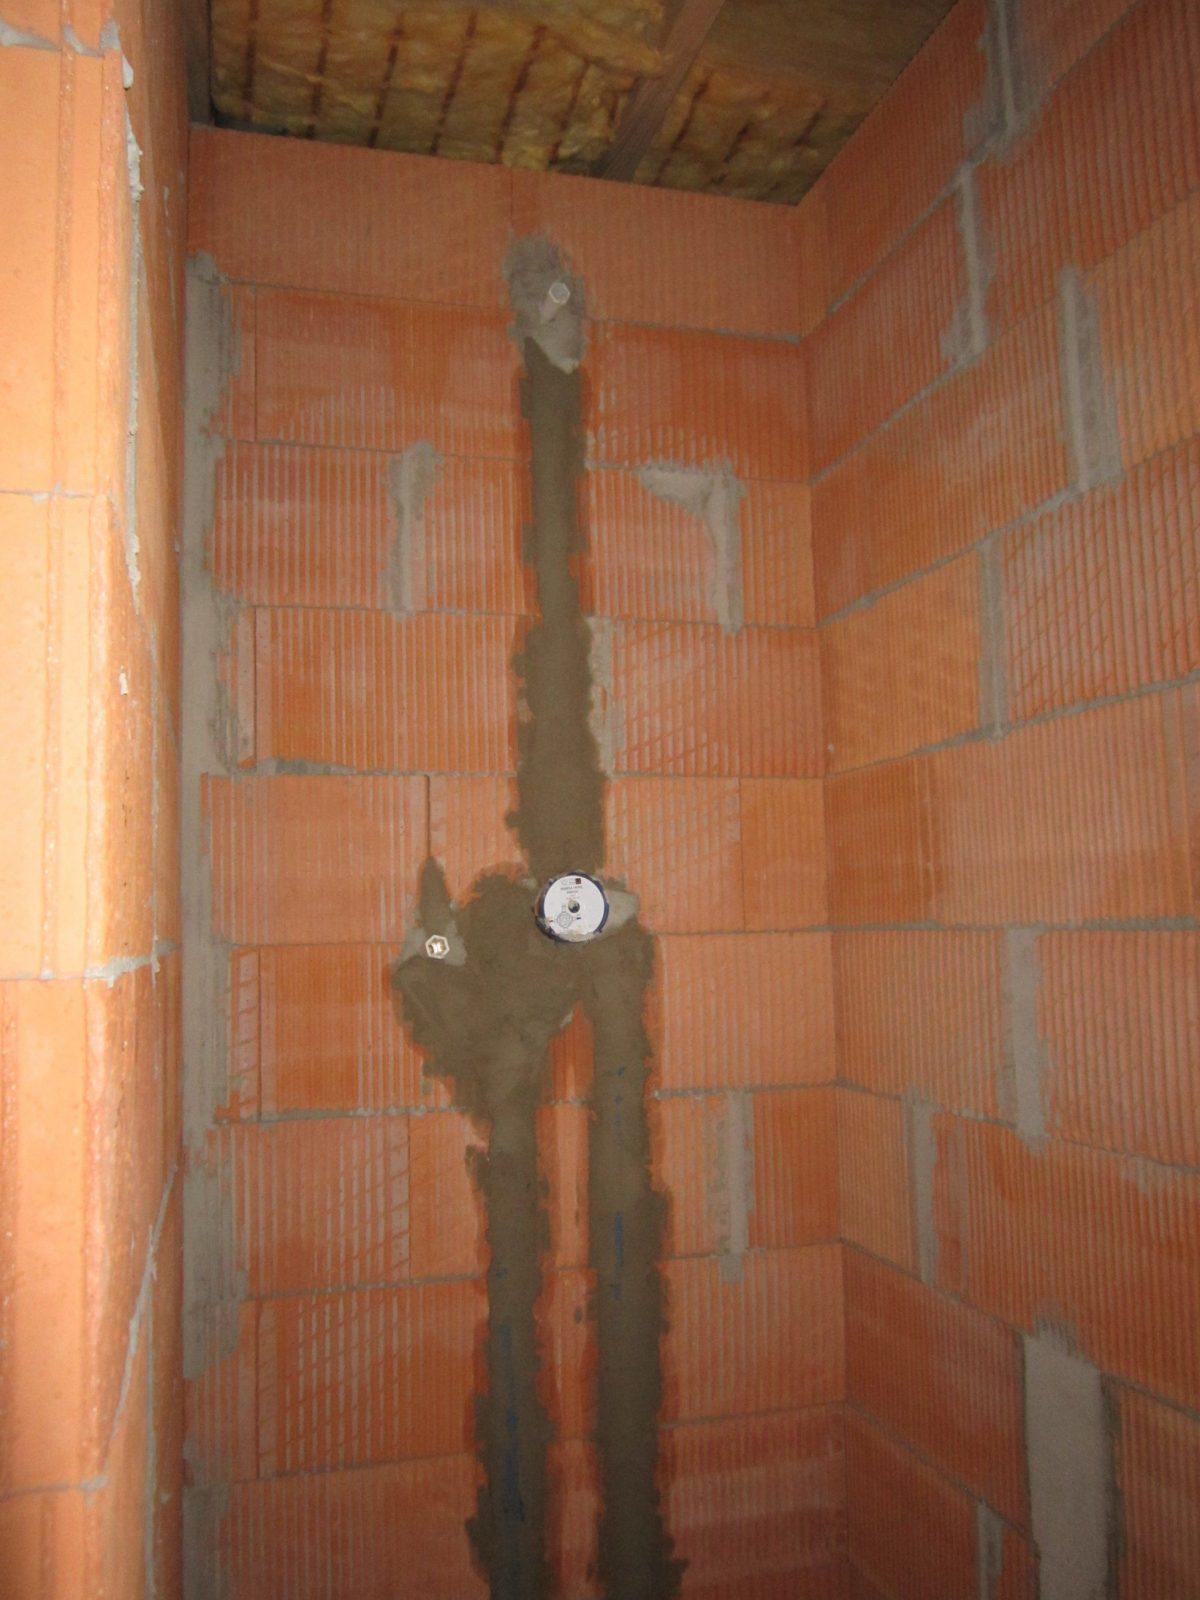 Armaturen Dusche Unterputz Bj52 – Hitoiro von Unterputz Armatur Dusche Set Bild